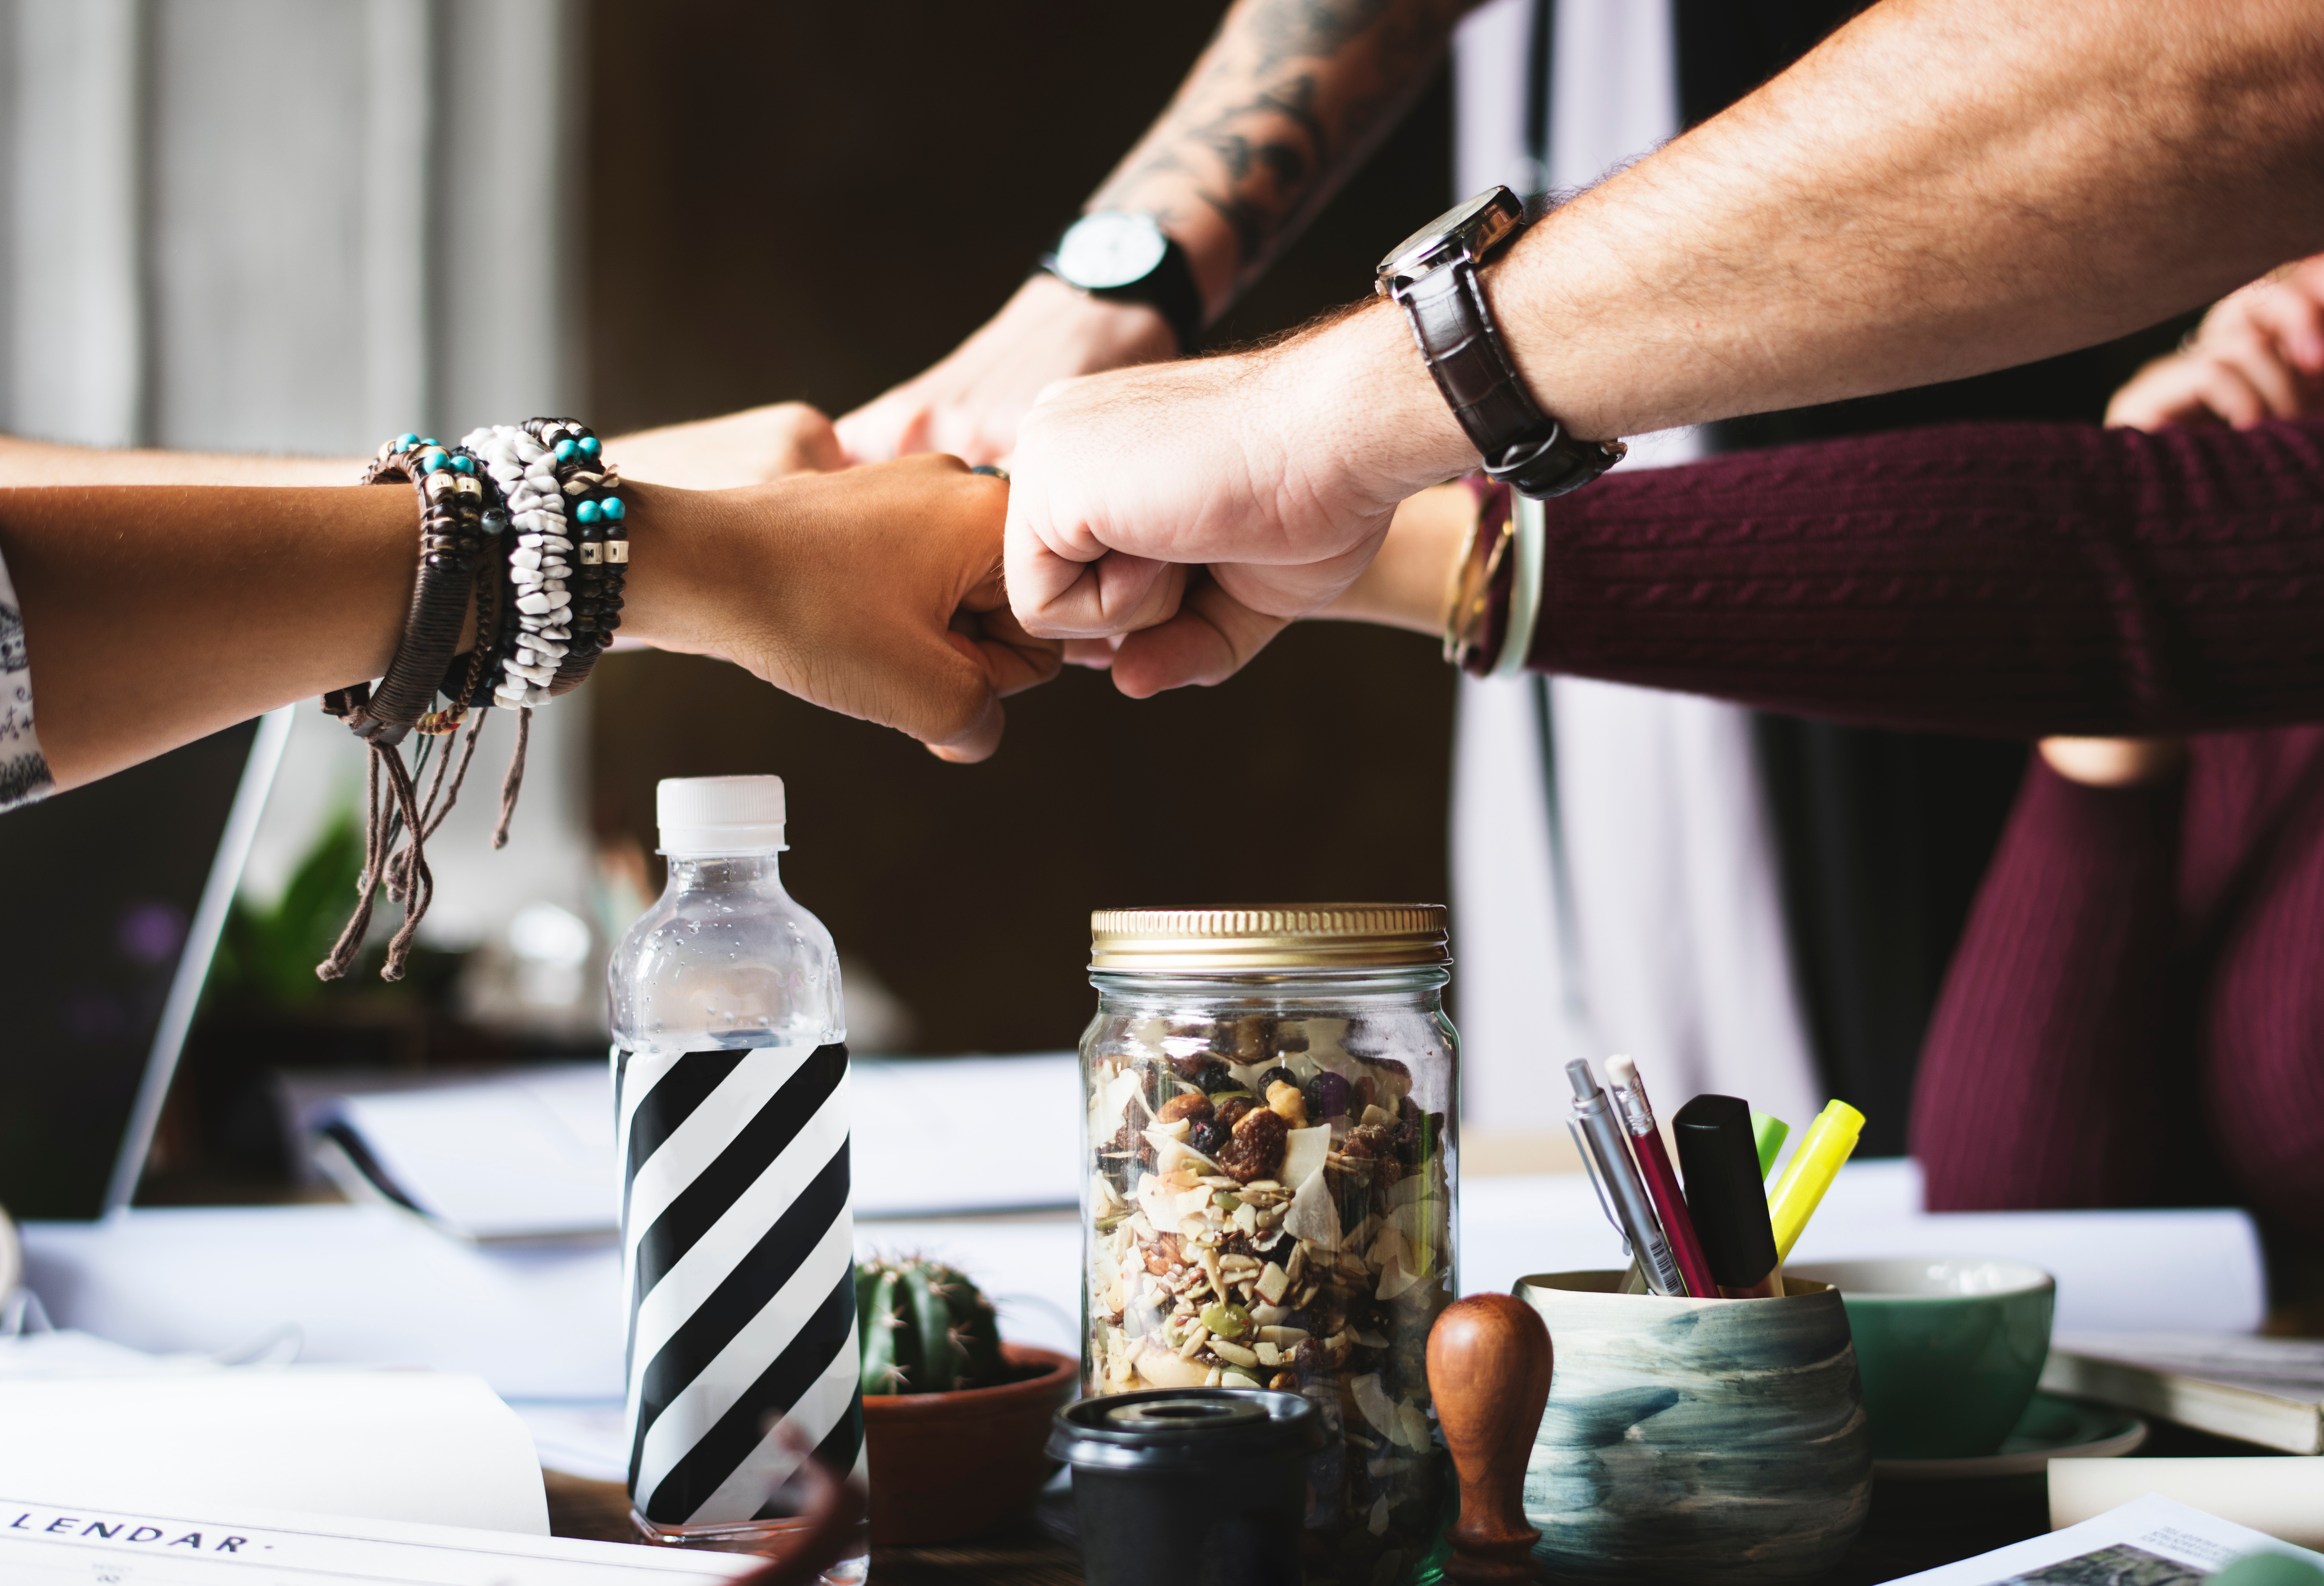 What Makes Indie Brokerages Successful?